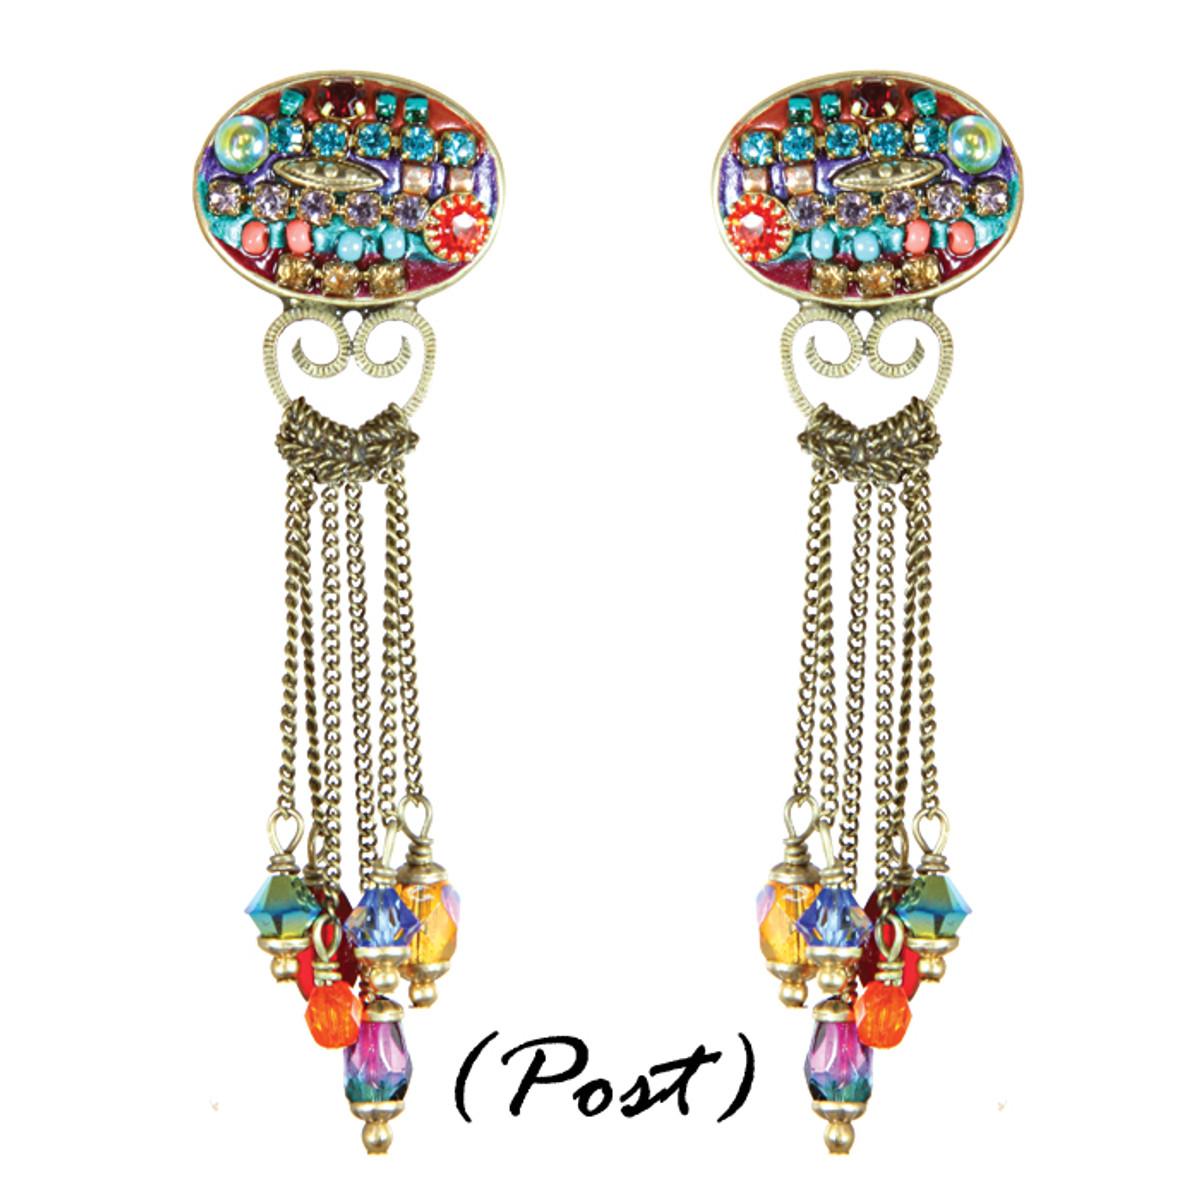 Michal Golan Earrings - Multibright Oval Chain Dangles